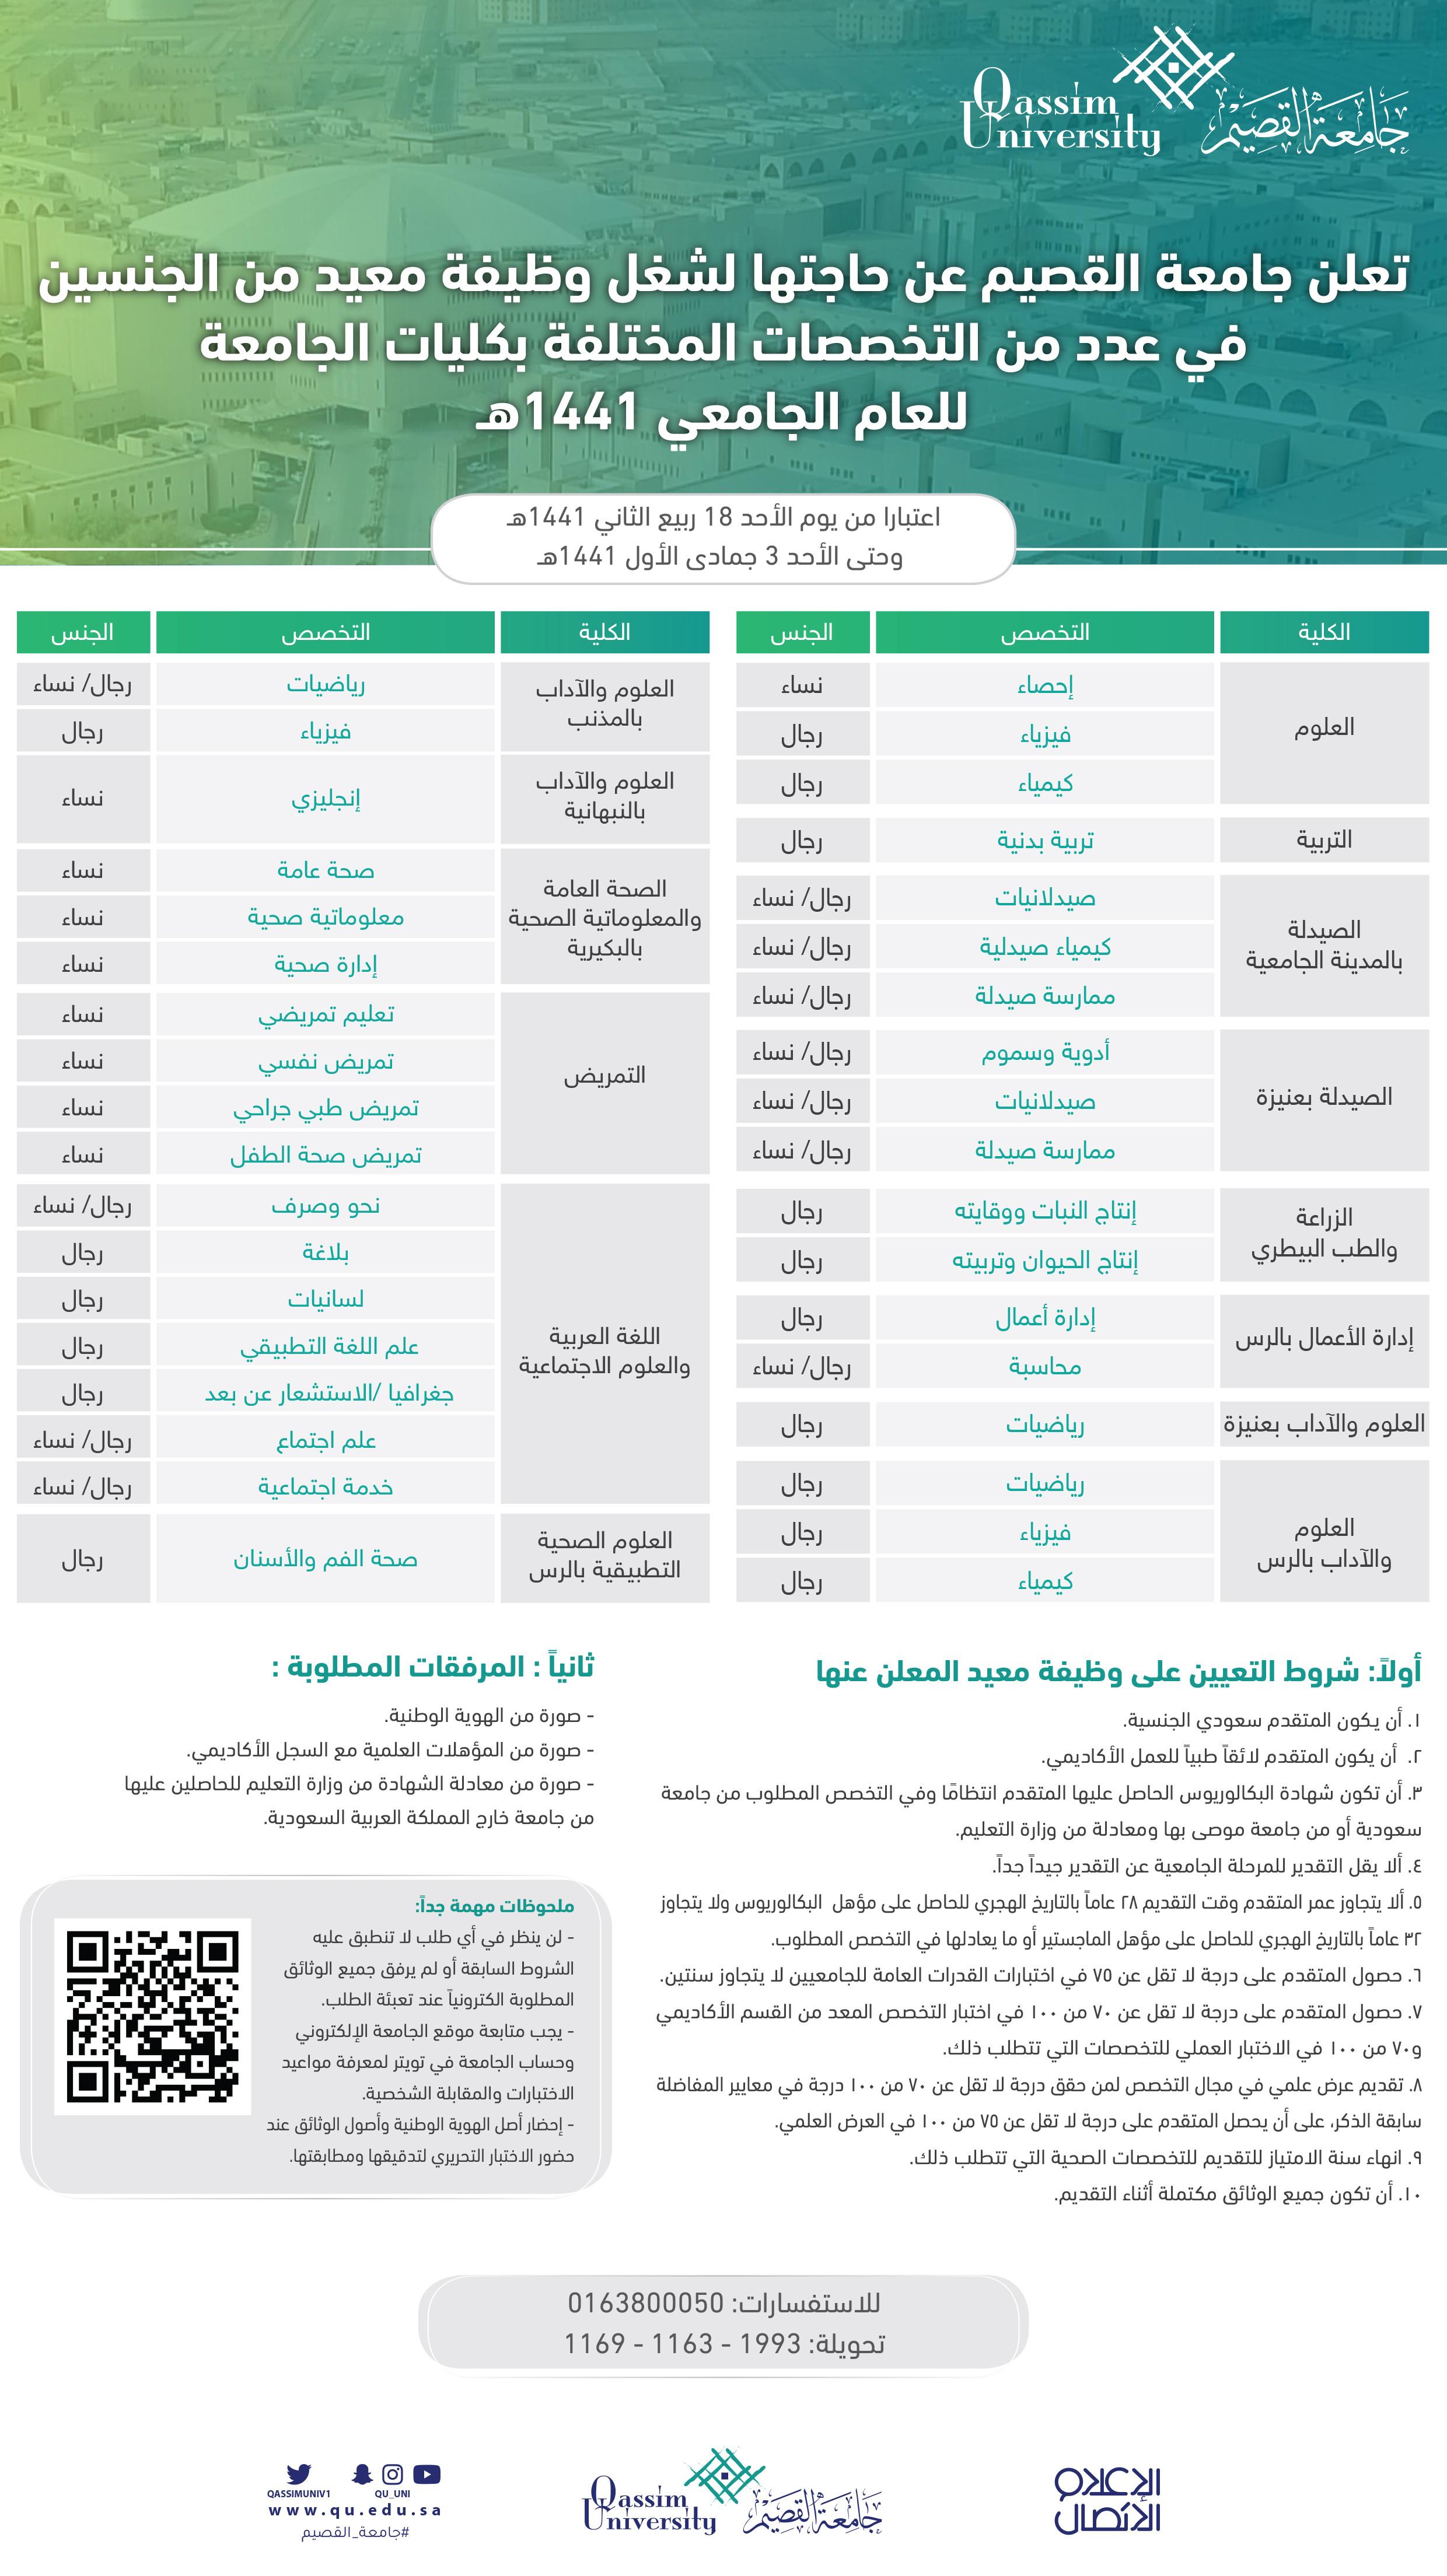 جامعة القصيم تعلن الجامعة عن حاجتها لشغل وظيفة معيد من الجنسين